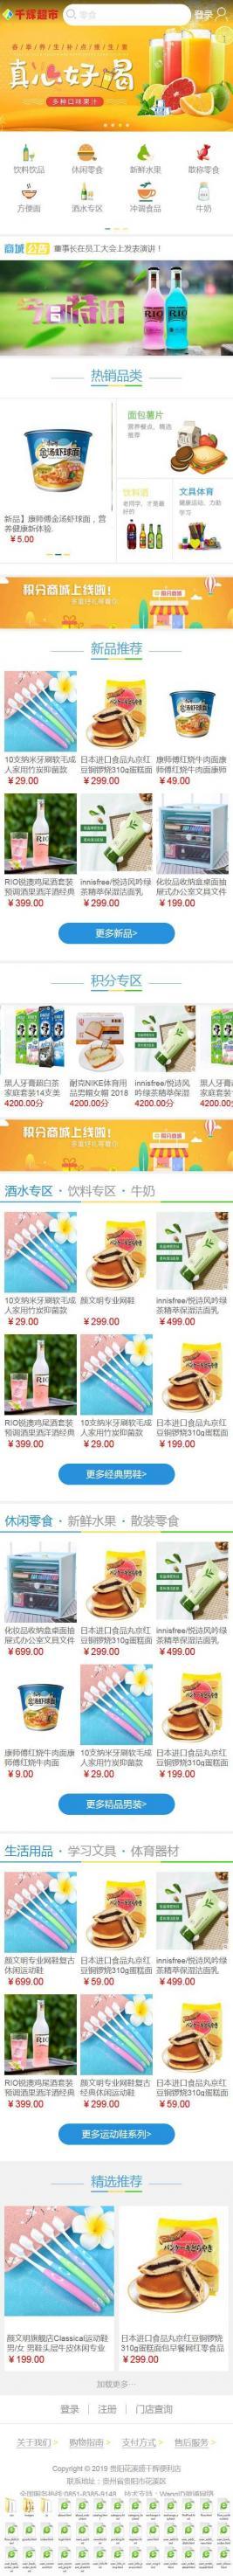 手机端食品超市购物商城app页面模板